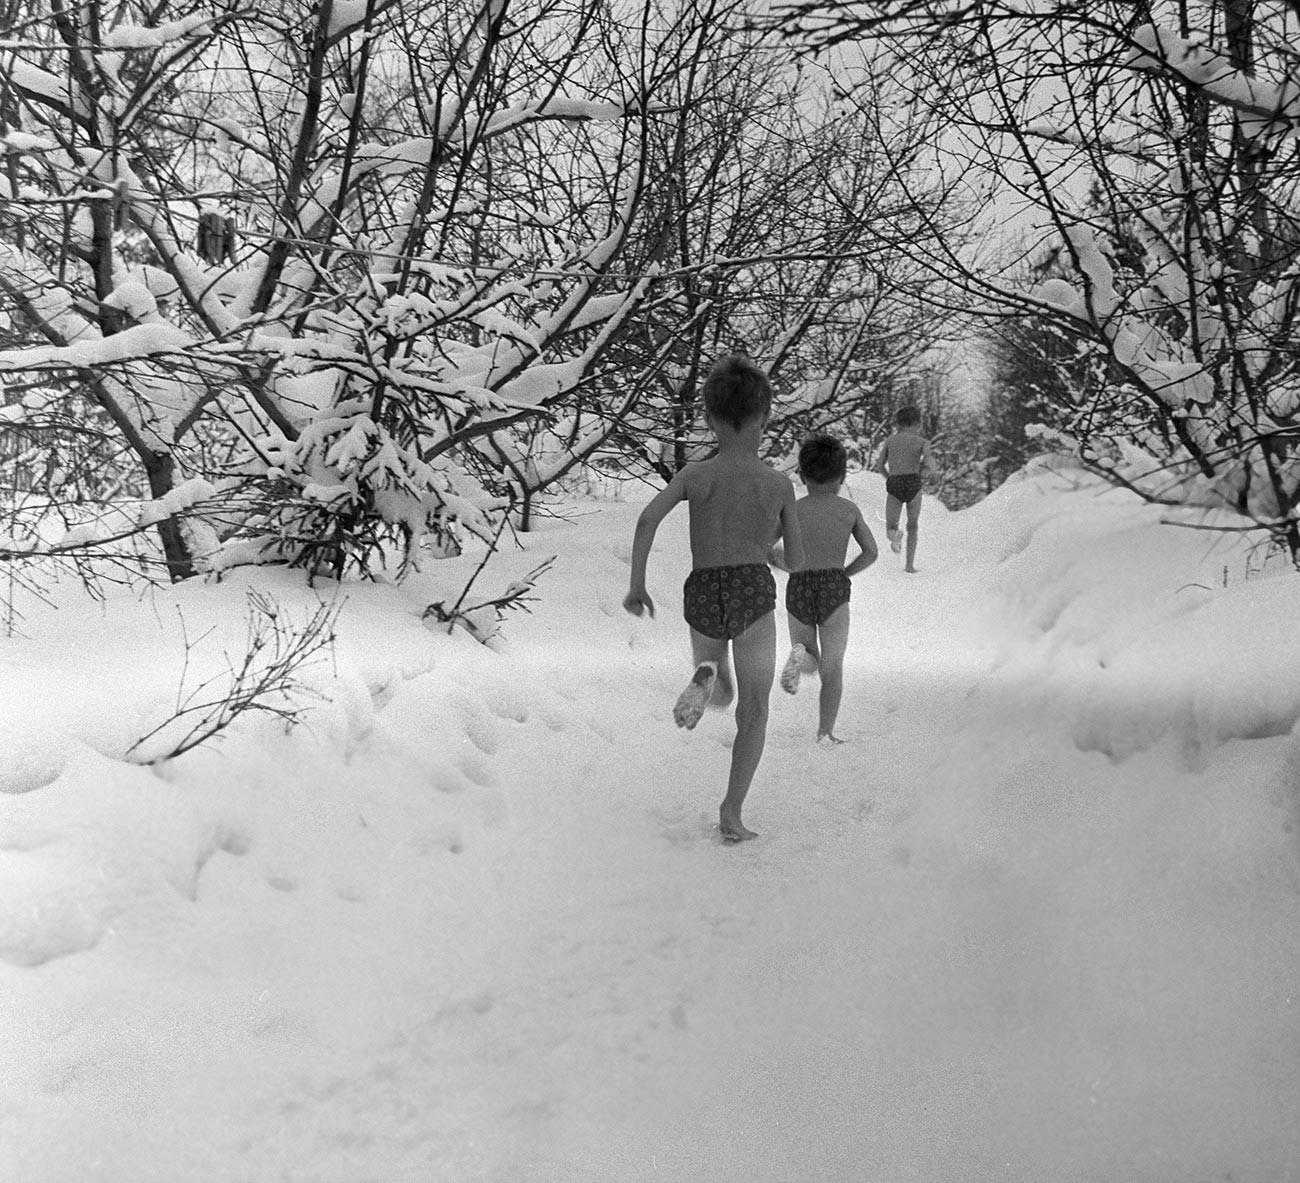 S praksom čeličenja na hladnoći započeli su kada je njihovo najstarije dijete imalo problema s kožom. 1968.